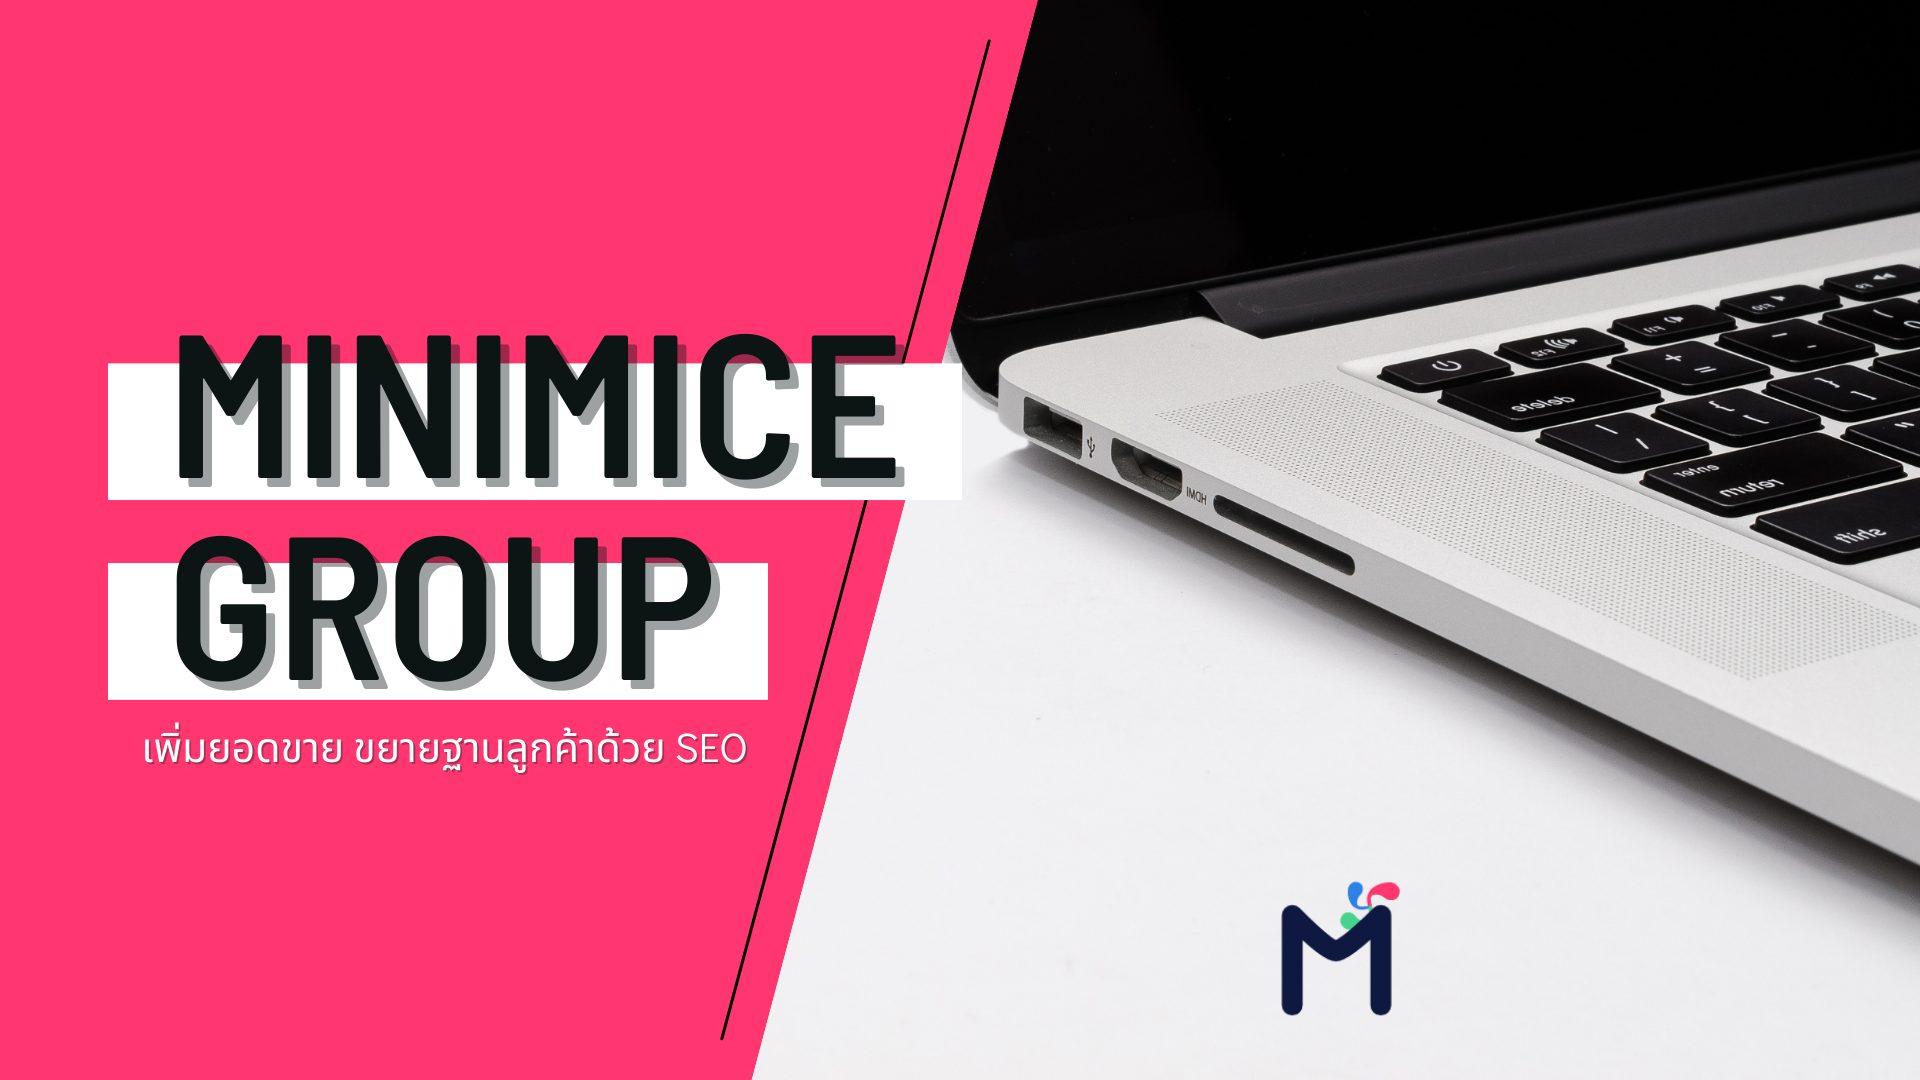 Agency Digital MinimiceGroup SEO ดิจิทัลเอเจนซี่ ธุรกิจ